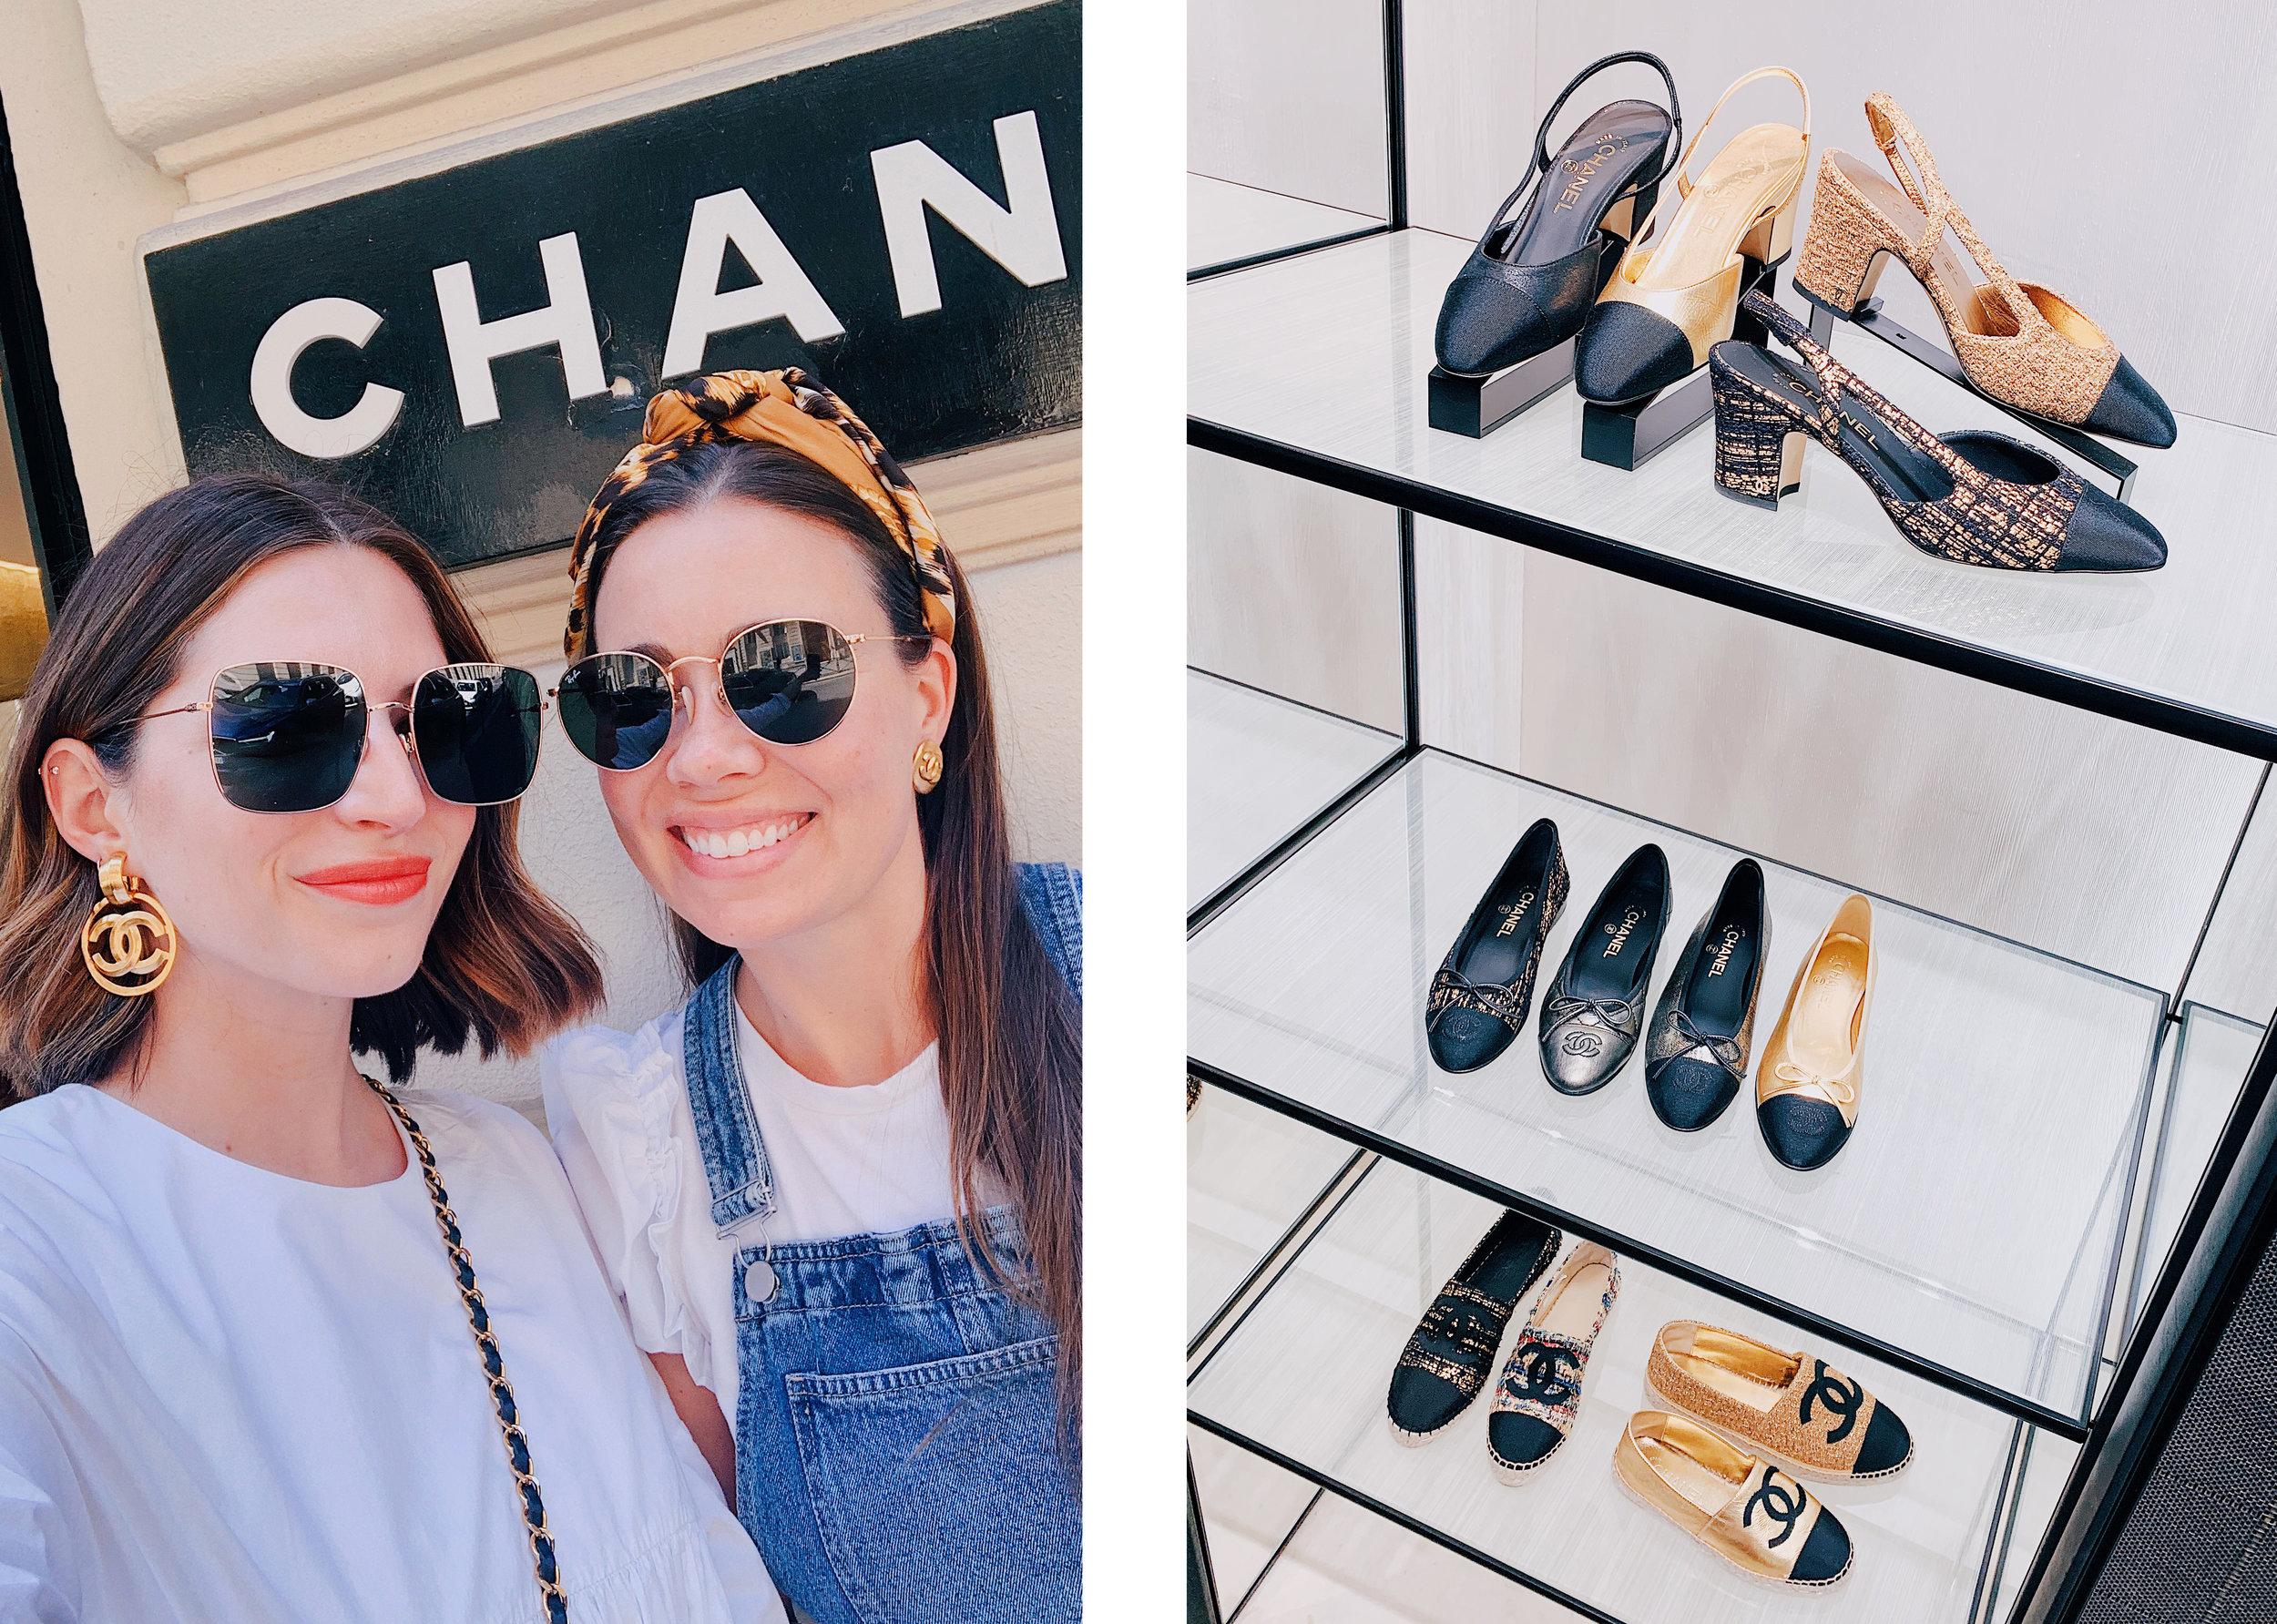 Paris 6 Chanel 31 Rue Cambon.jpg